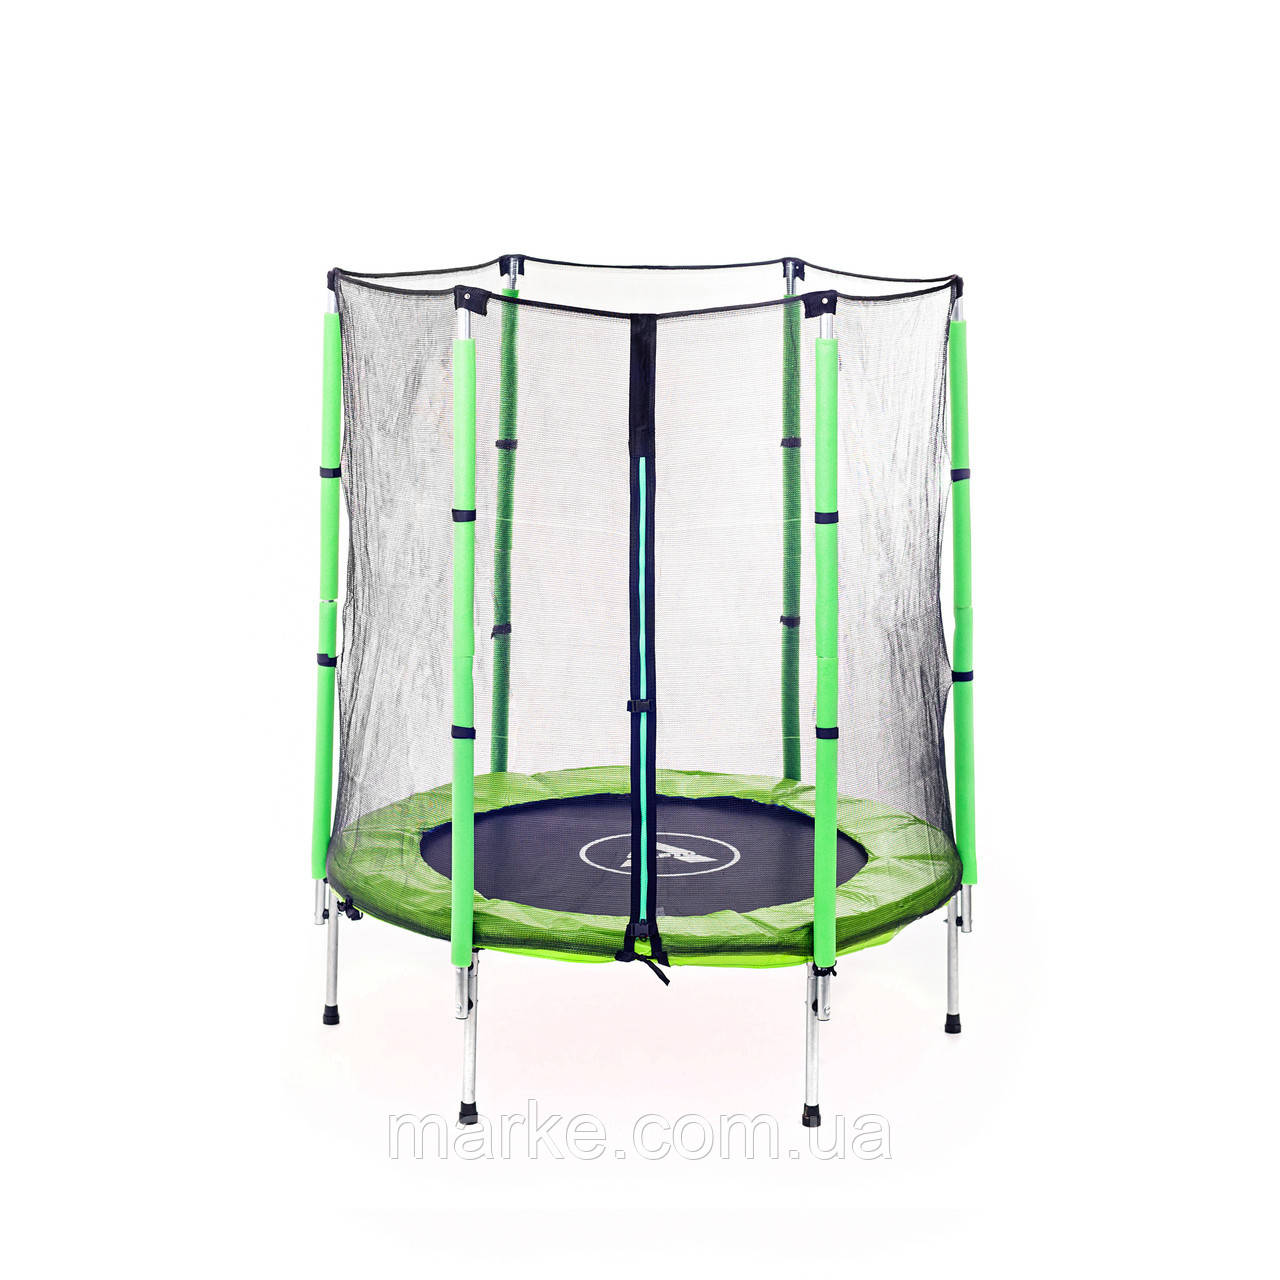 Батут Атлето зелёный Atleto 140 см 4,5ft диаметр с внешней сеткой спортивный для детей